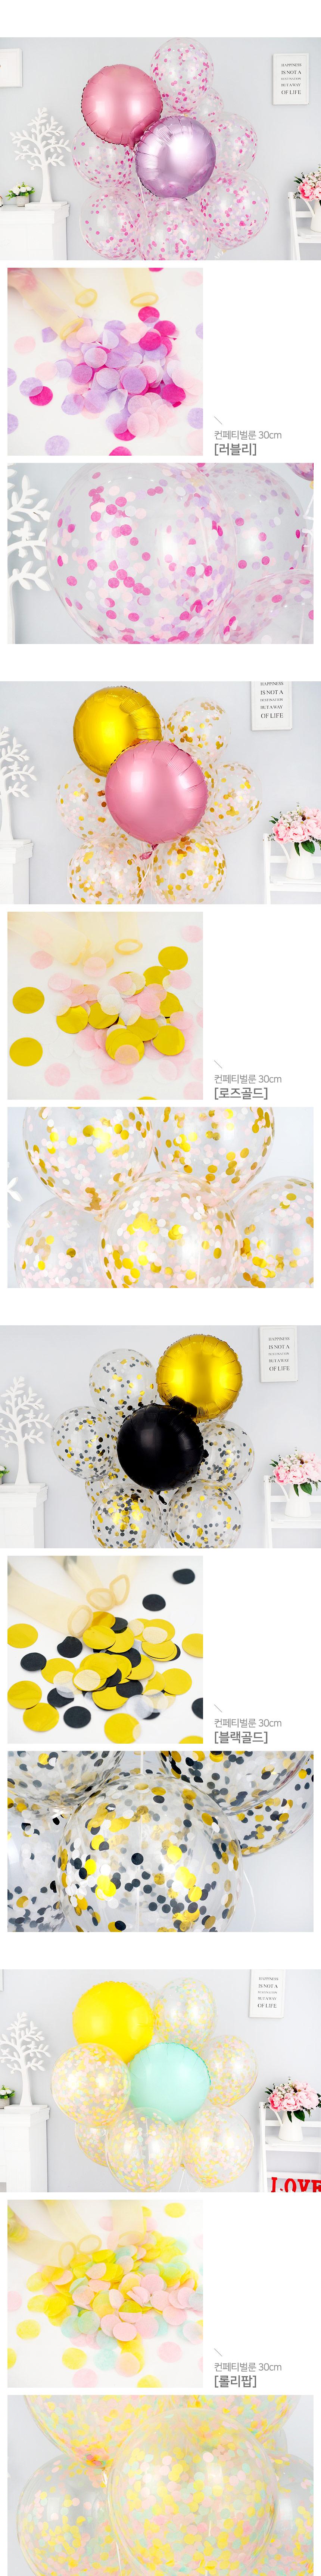 컨페티벌룬 30cm 레인보우 10입 _partypang - 파티팡, 4,800원, 파티용품, 풍선/세트